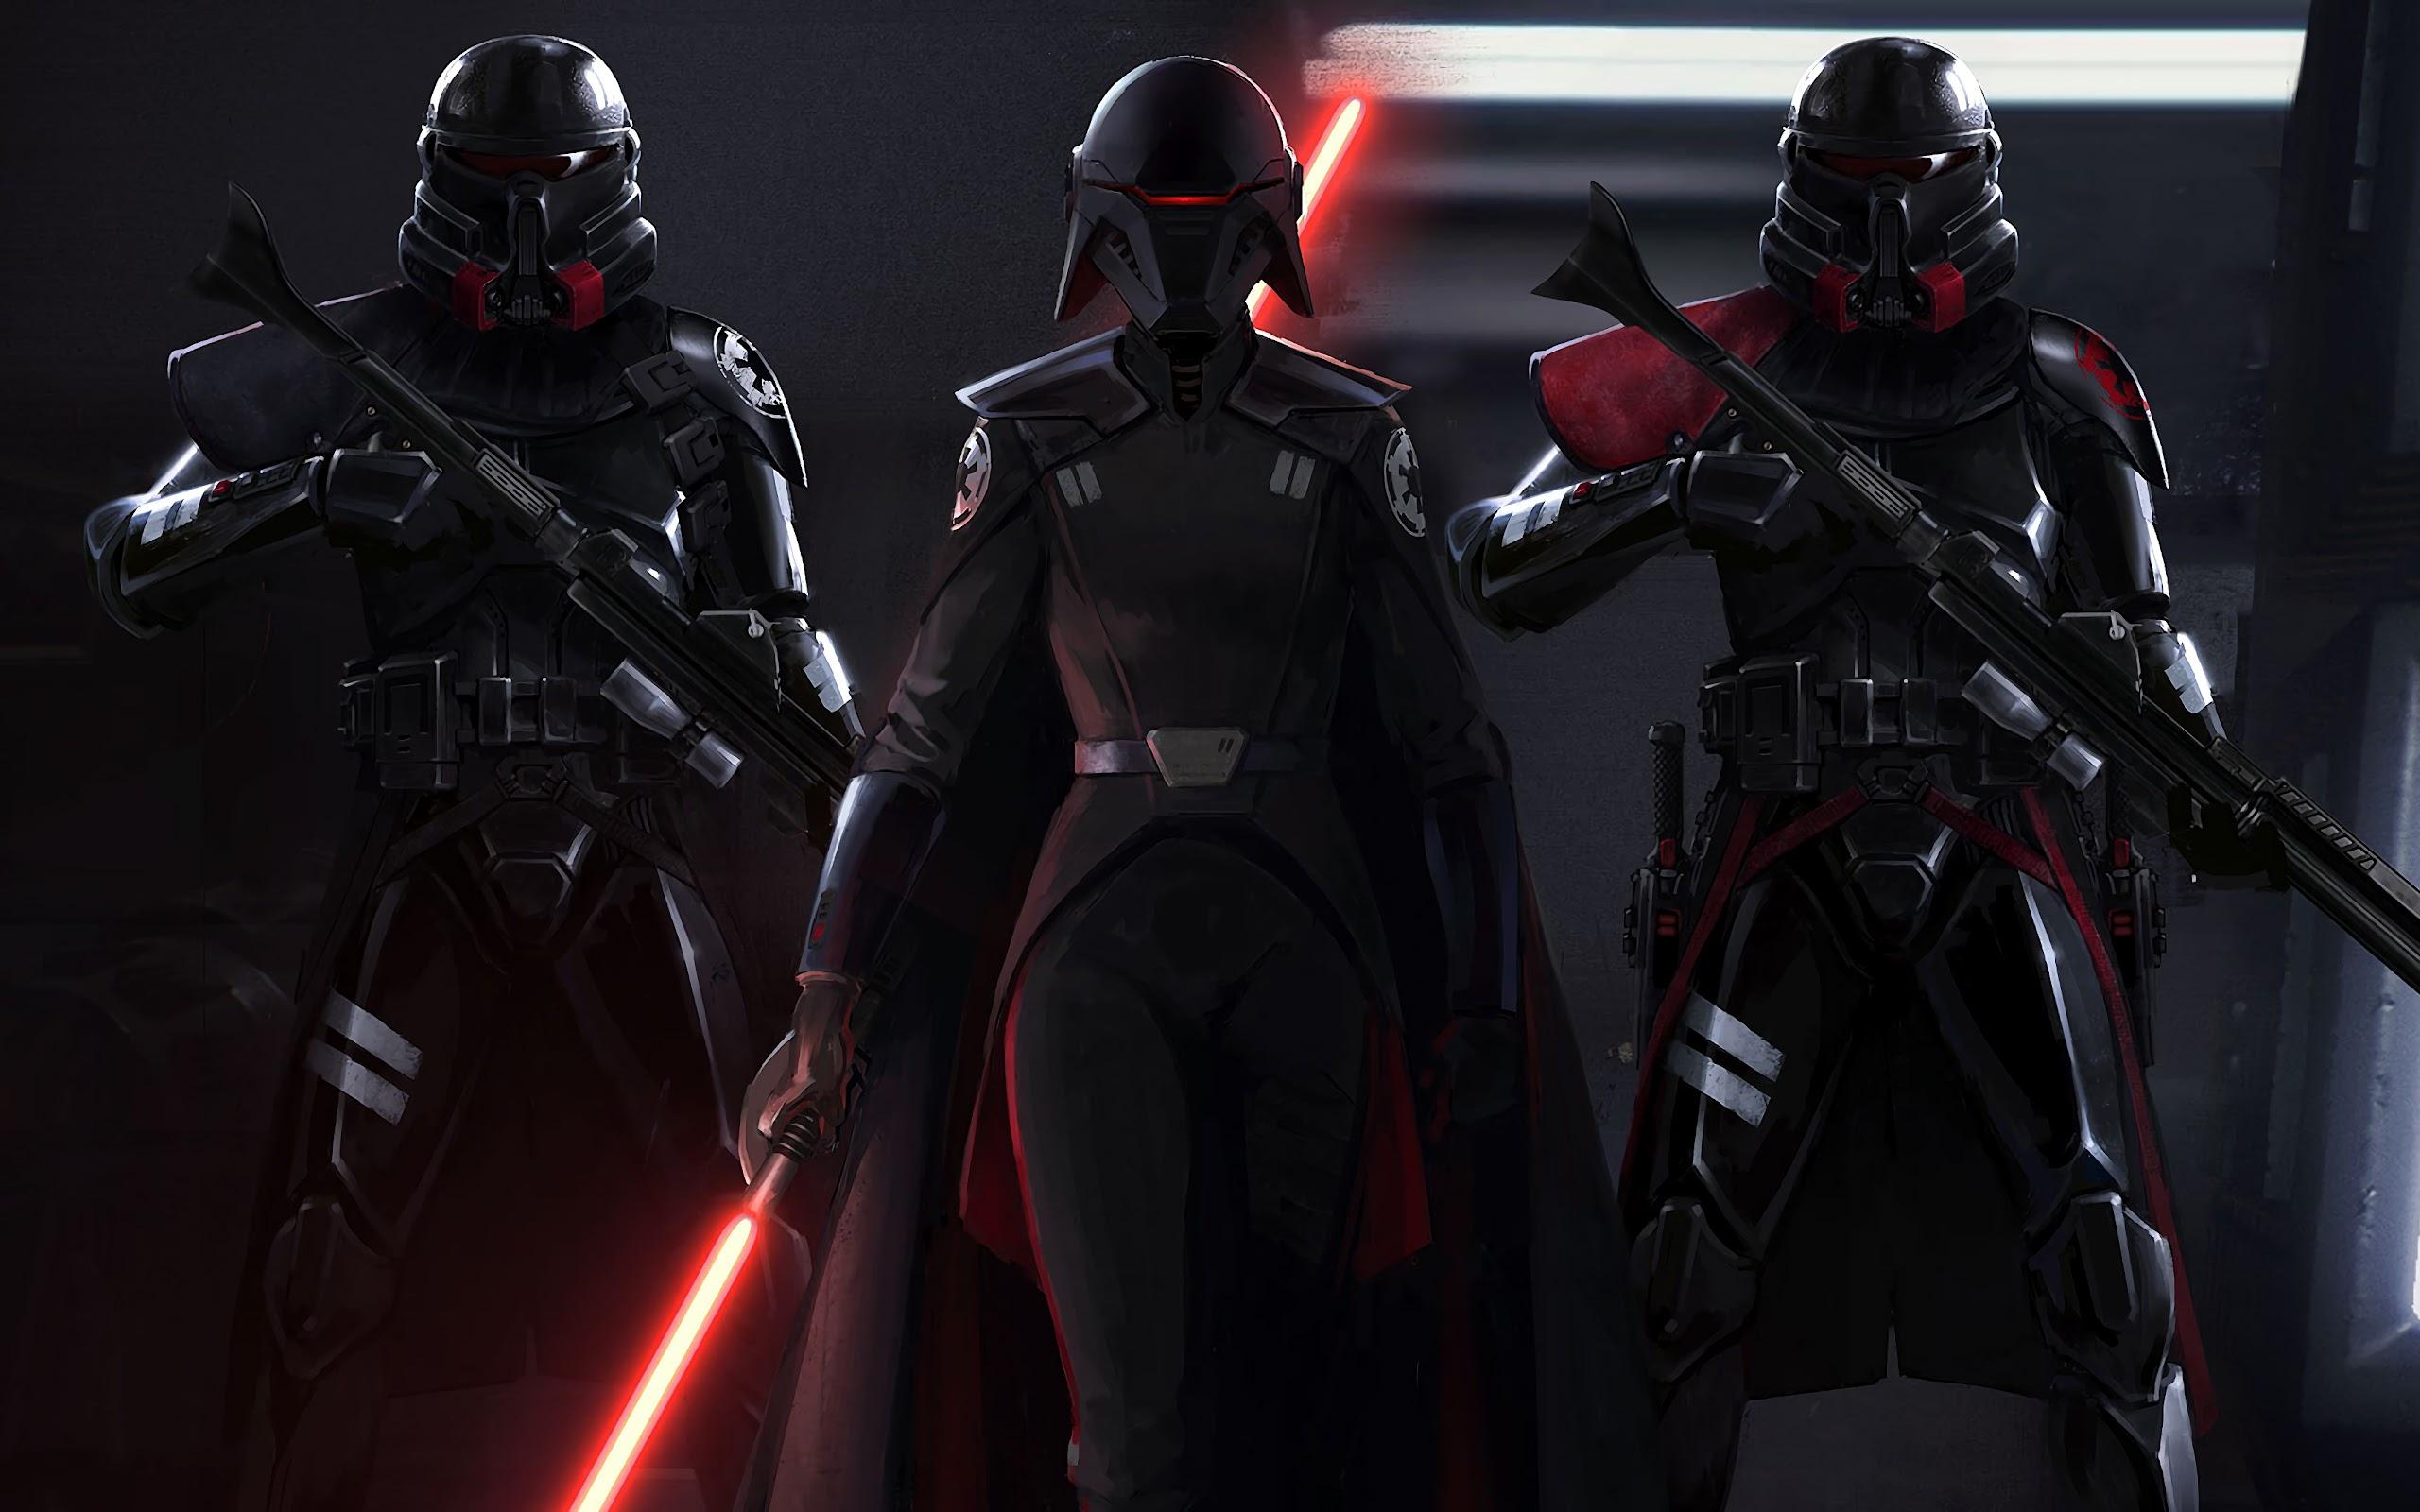 star wars jedi fallen order stormtroopers uhdpaper.com 4K 11